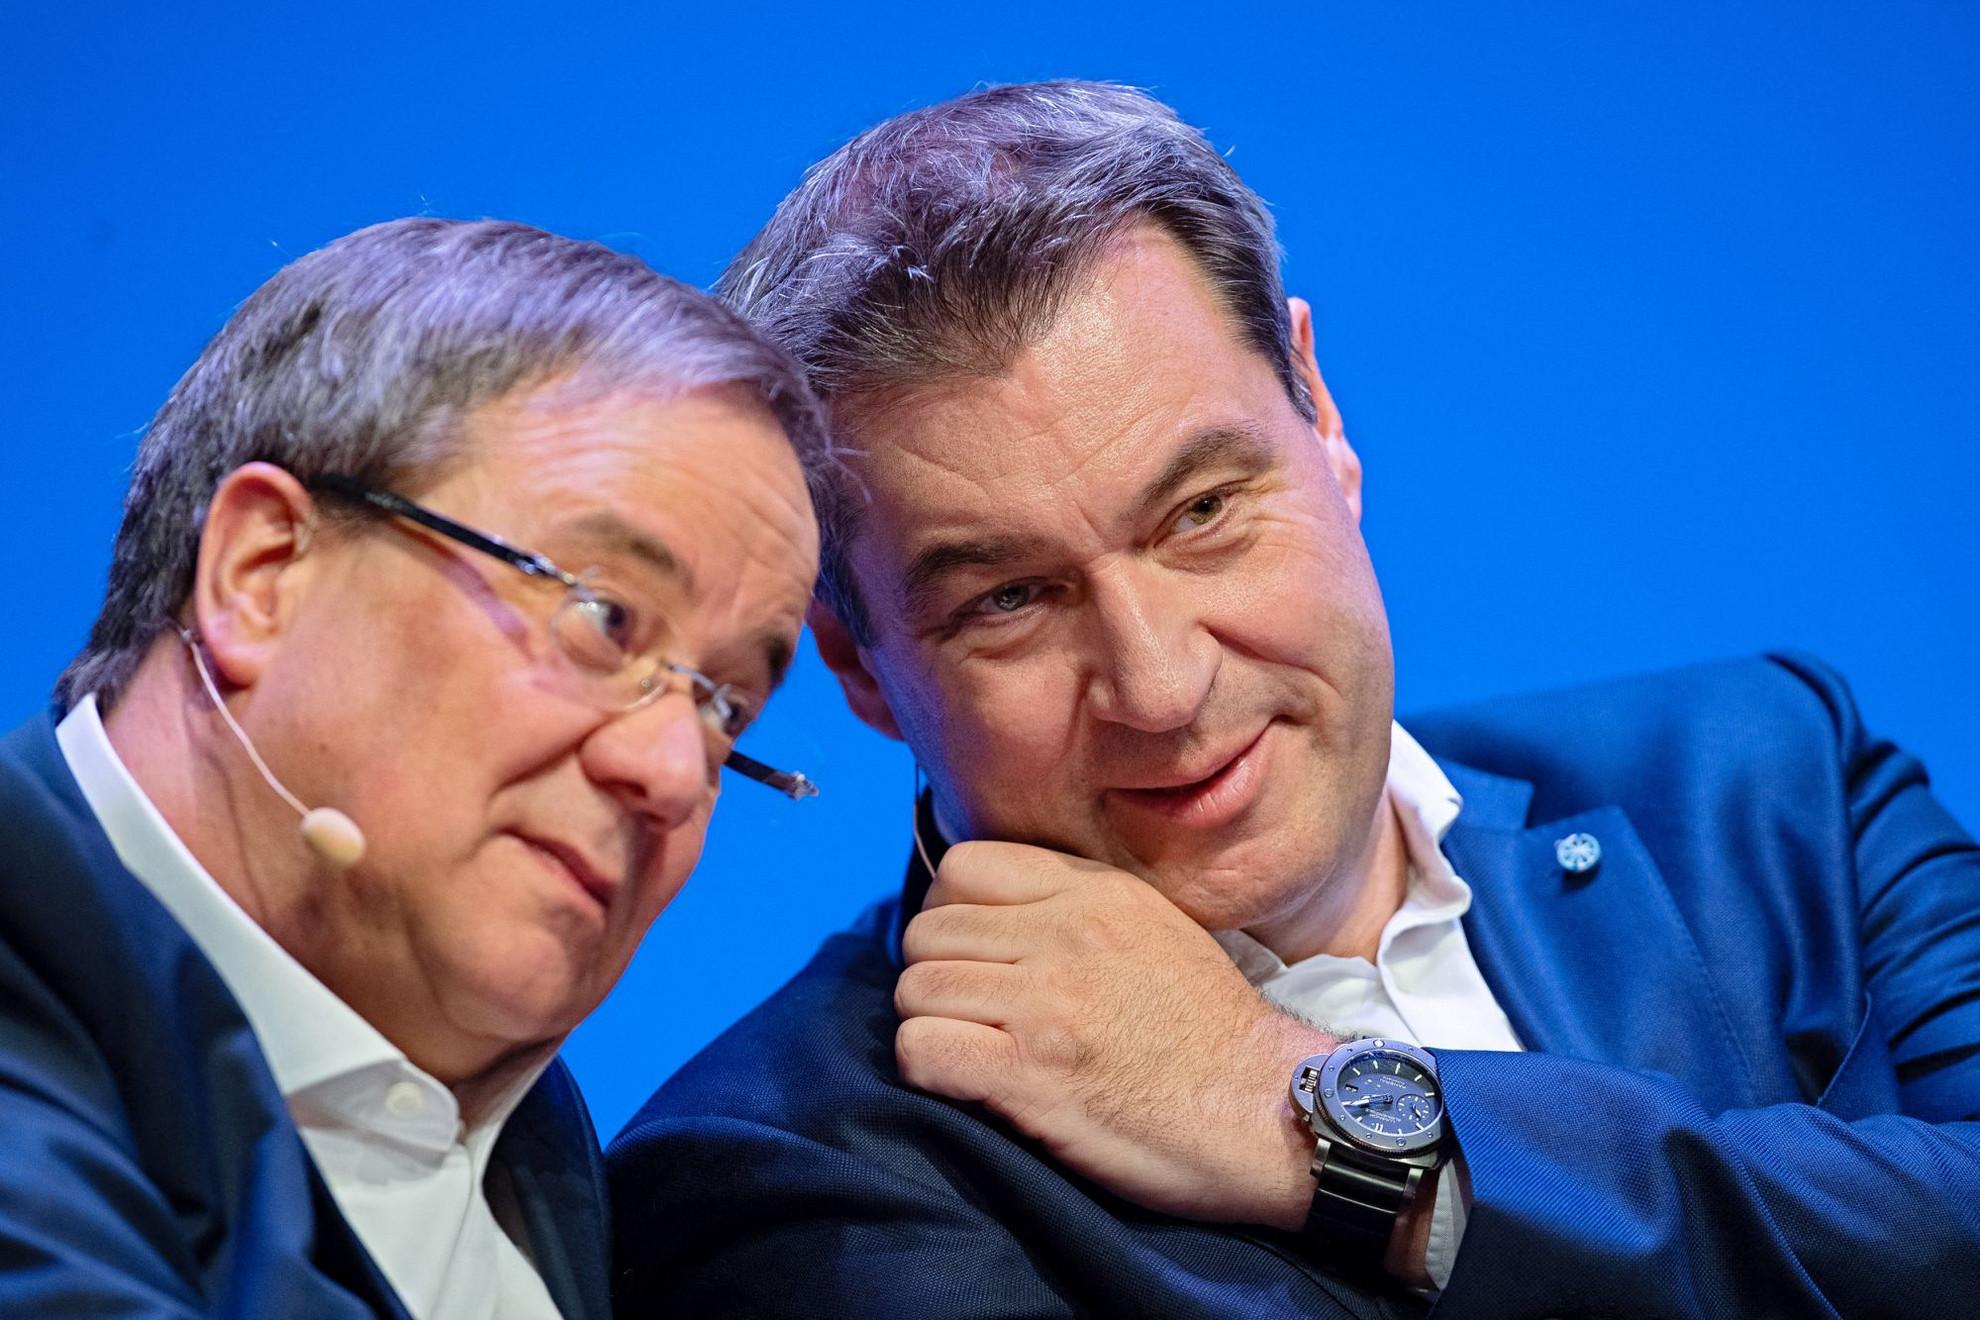 Armin Laschet CDU-elnök legutóbb kompromisszumkészen nyilatkozott a Fidesz ügyében, Markus Söder azonban bírálni kezdte a távozóban lévő pártot